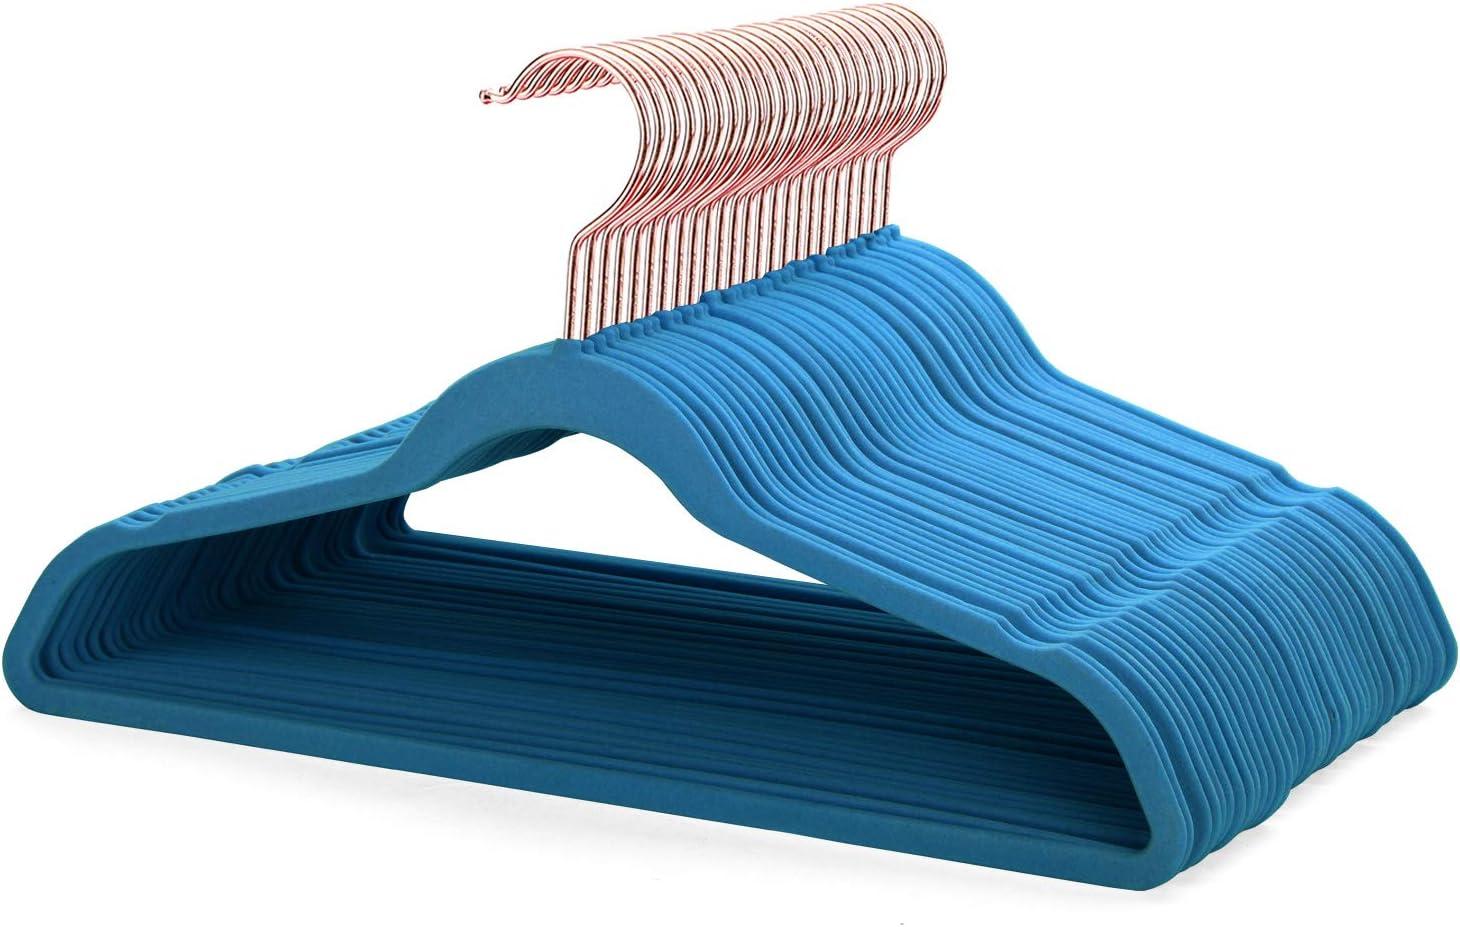 Smartor Blue Velvet Hangers 50 Pack Felt Hangers Non Slip Rose Gold Hook Flocked Hangers Heavy Duty Adult Hanger for Coat, Suit